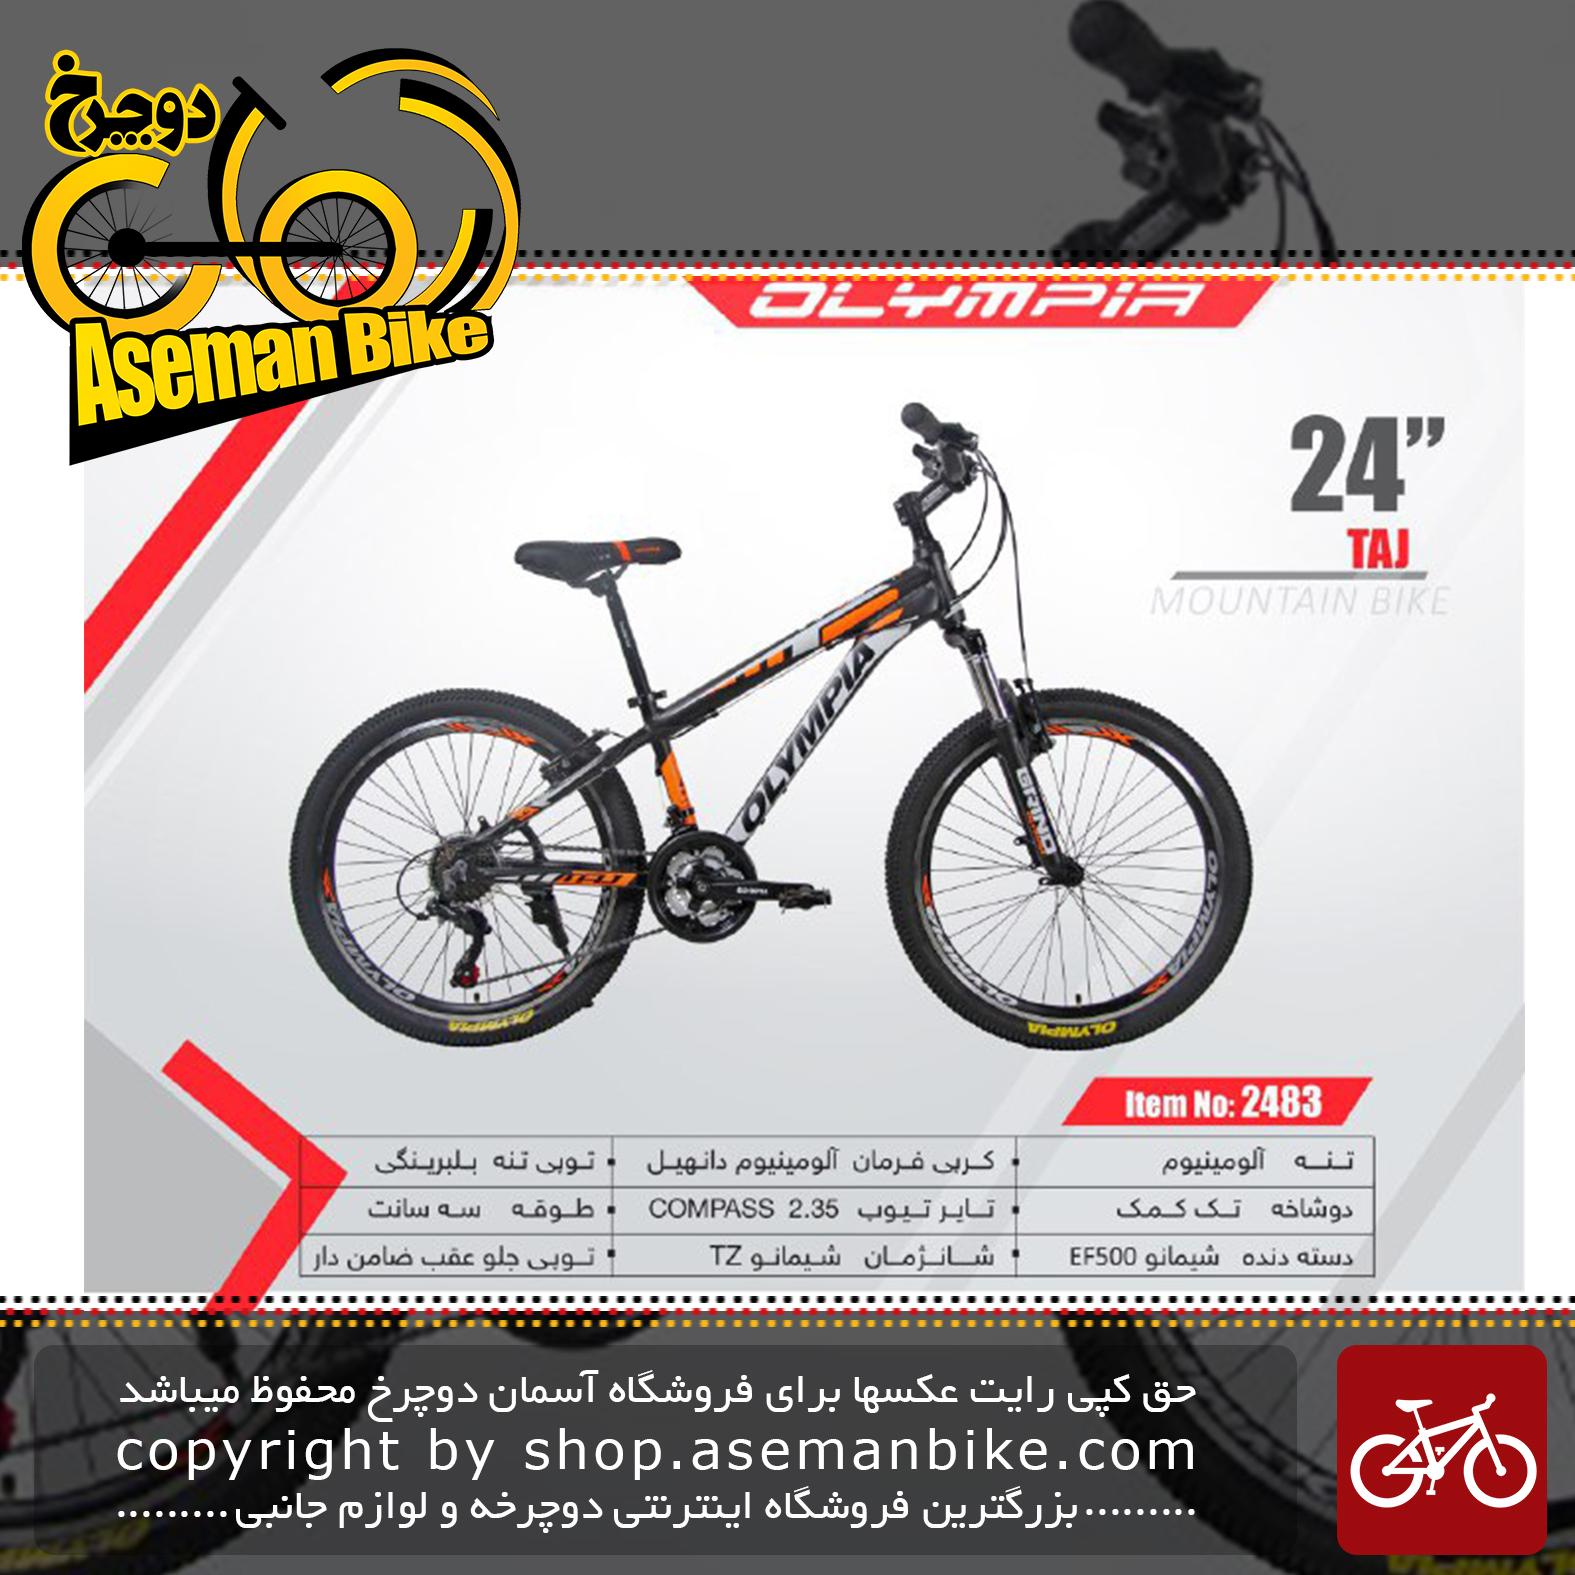 دوچرخه کوهستان المپیا سایز 24 مدل تاج OLYMPIA SIZE 24 TAJ